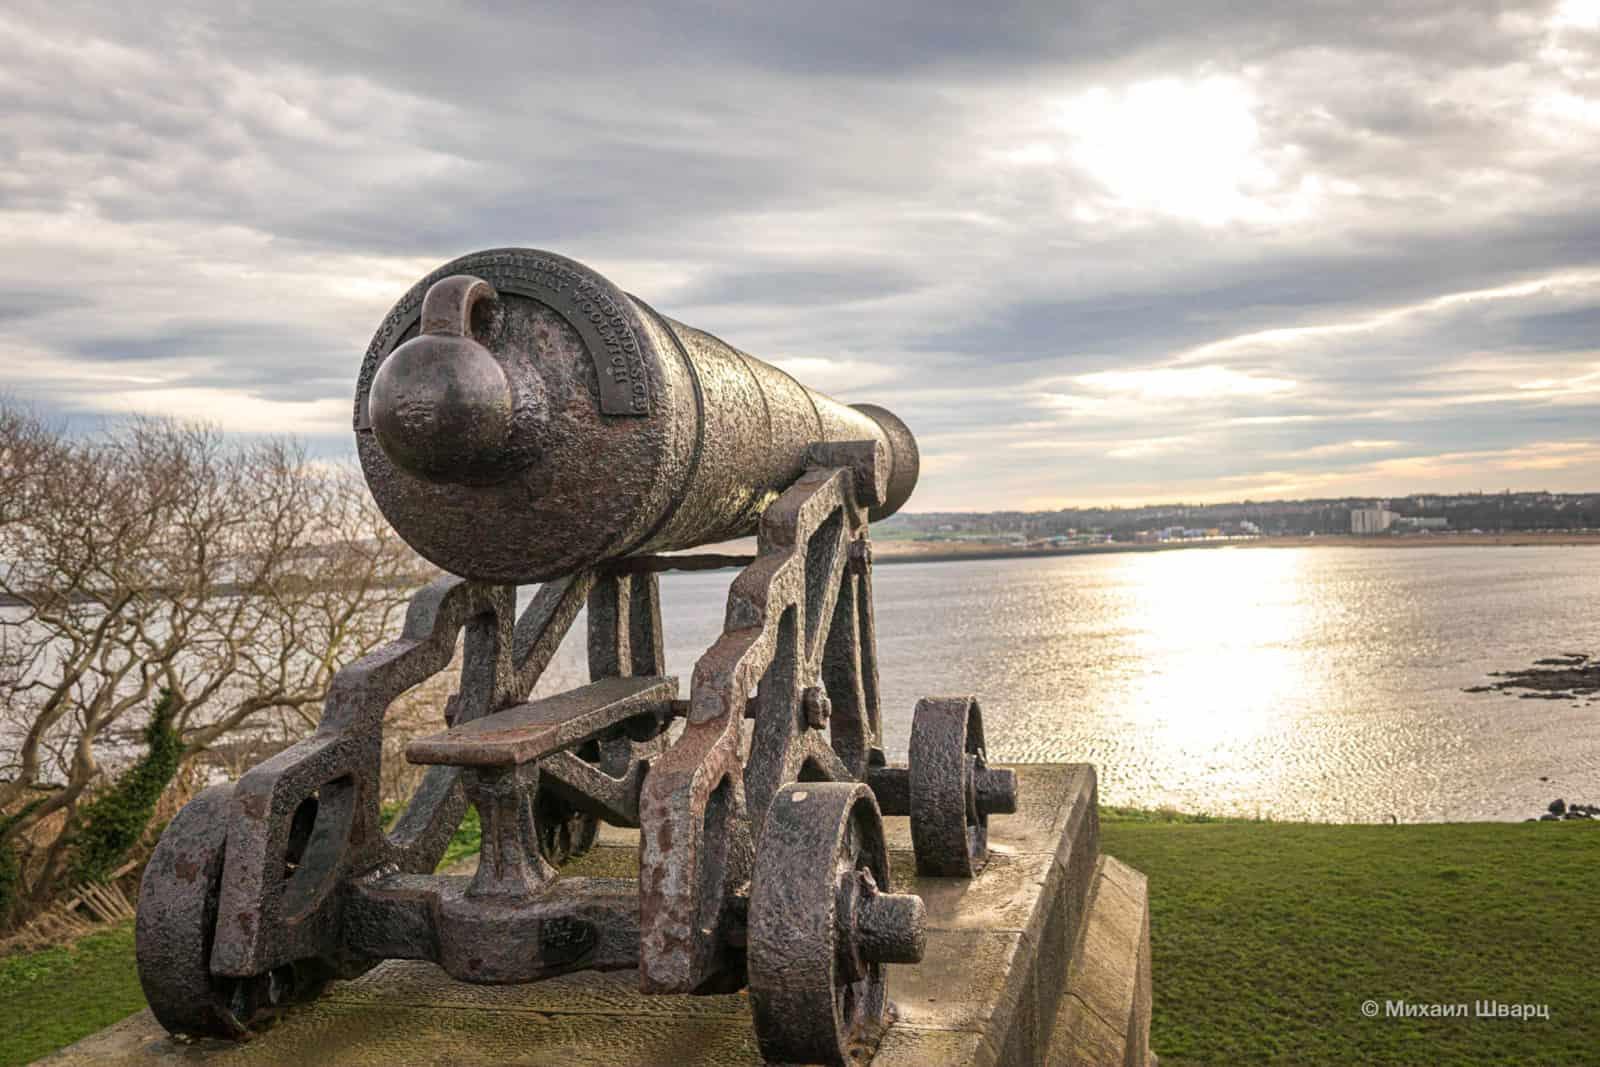 Пушки направлены на устье реки Тайн